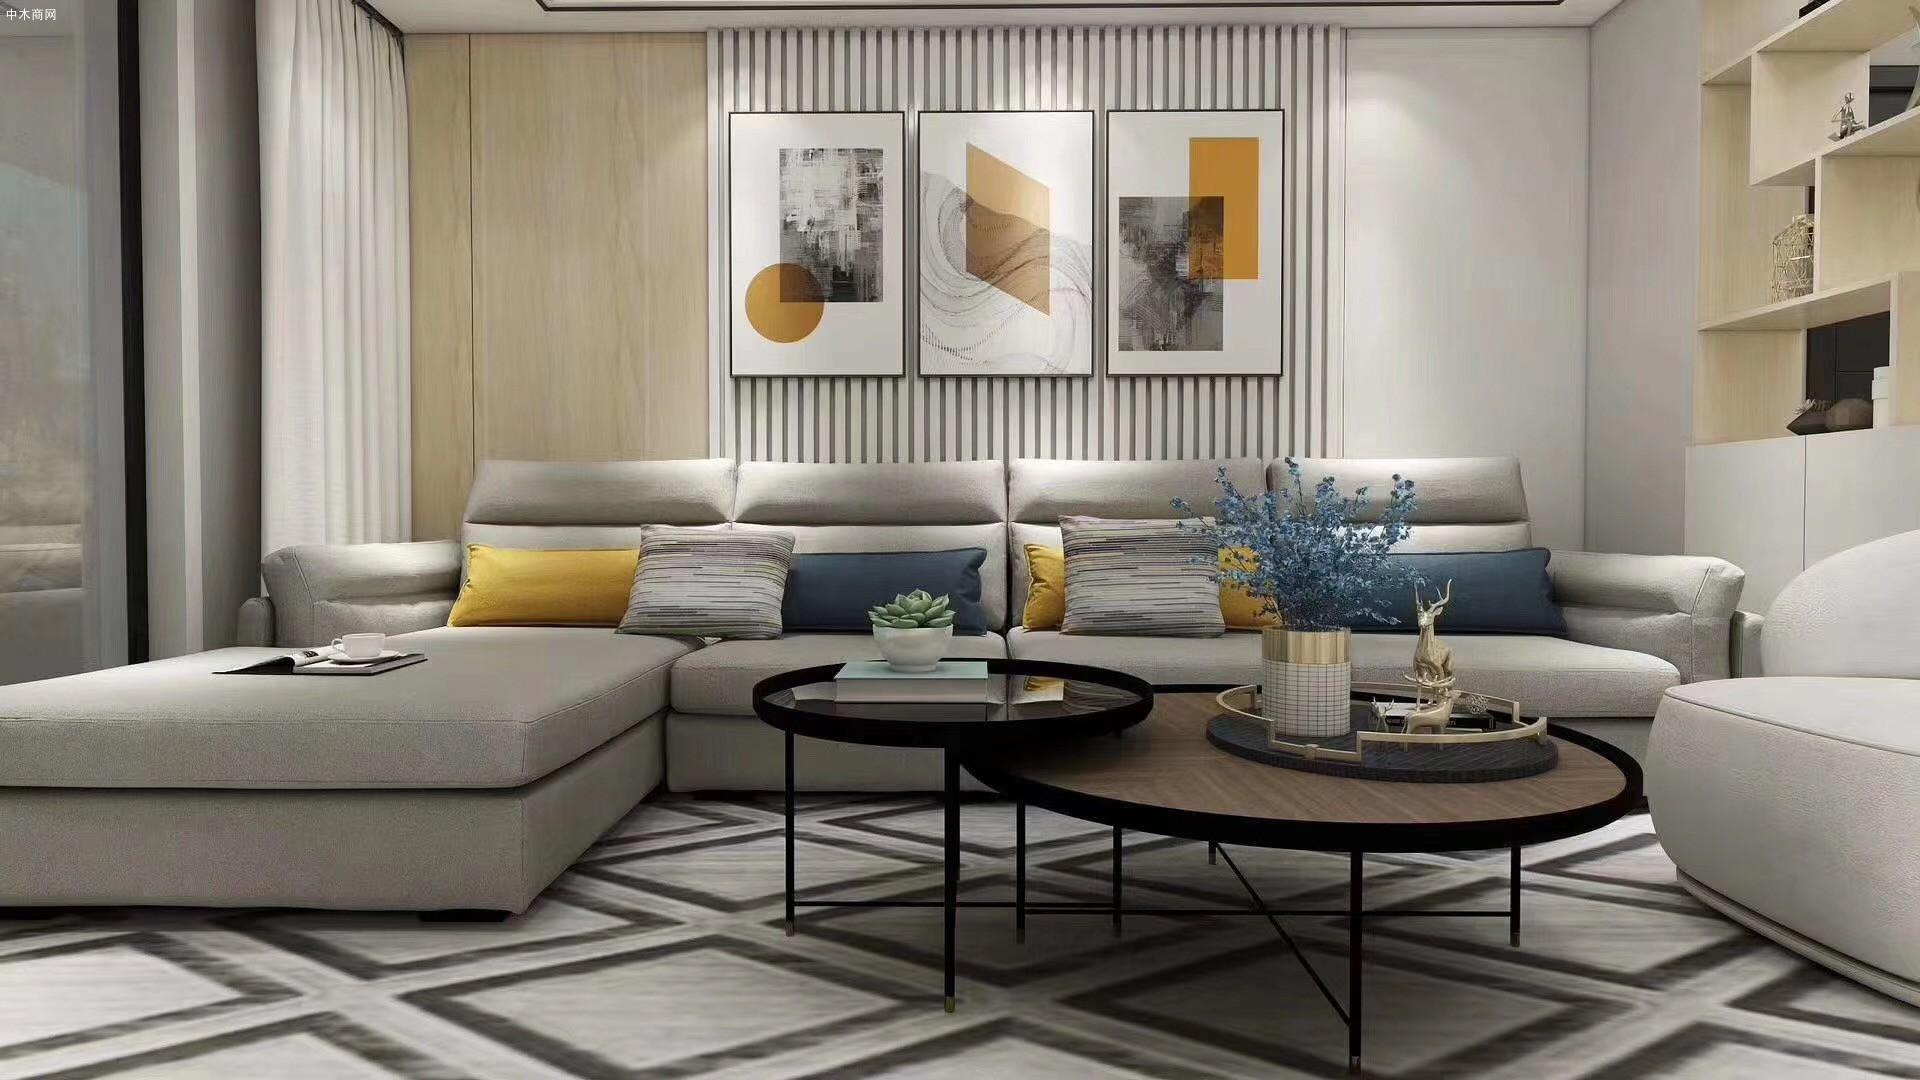 科技布沙发会掉皮吗及能用几年品牌